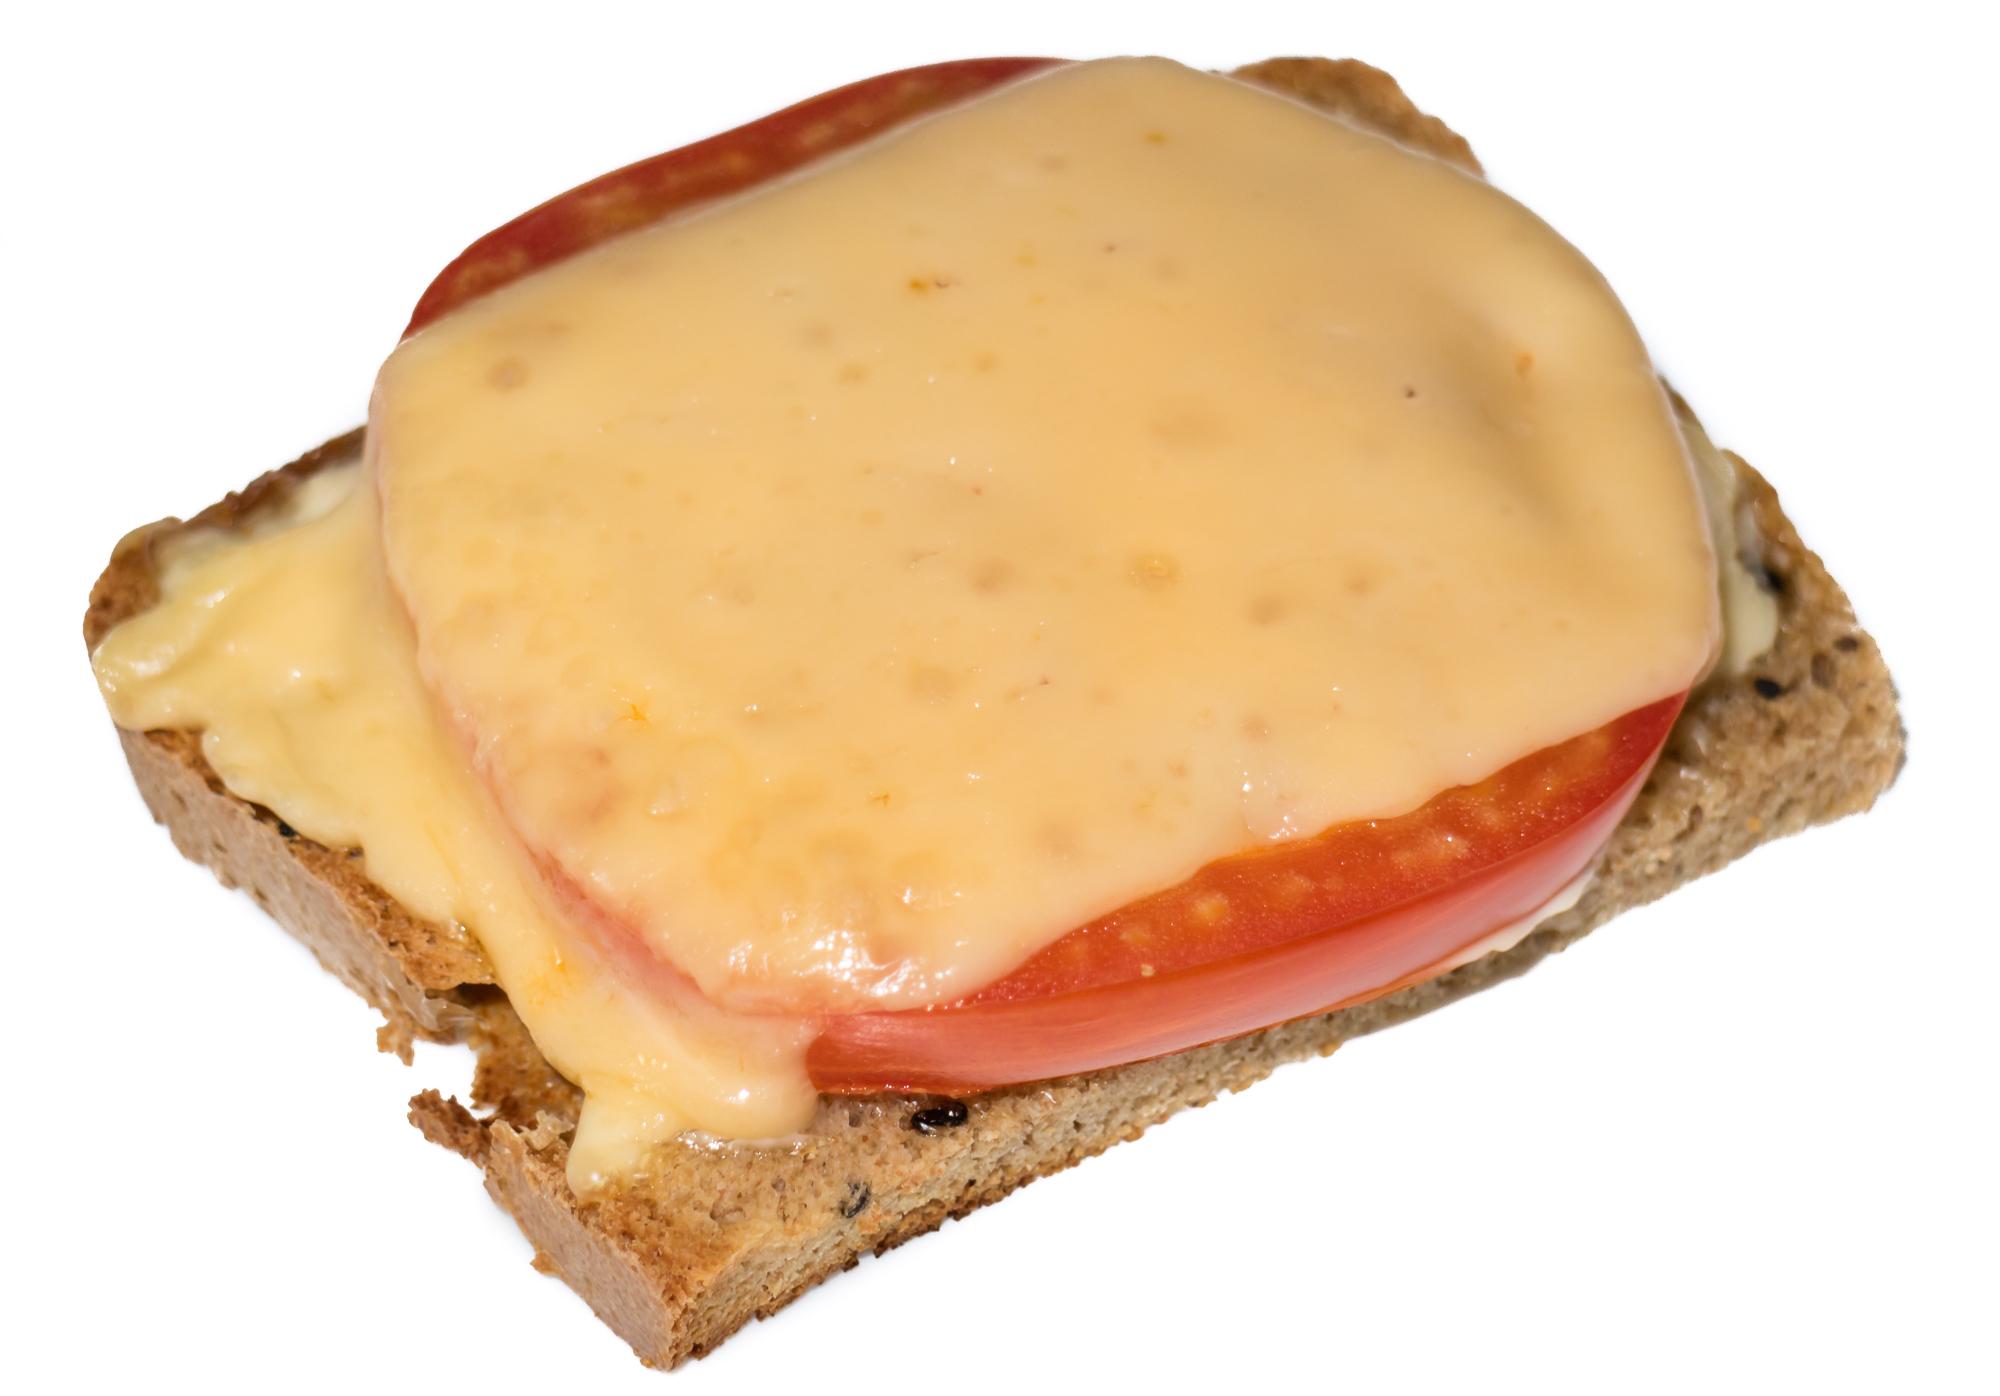 дом, расположенный картинка бутерброд с сыром на белом фоне заказать изготовление